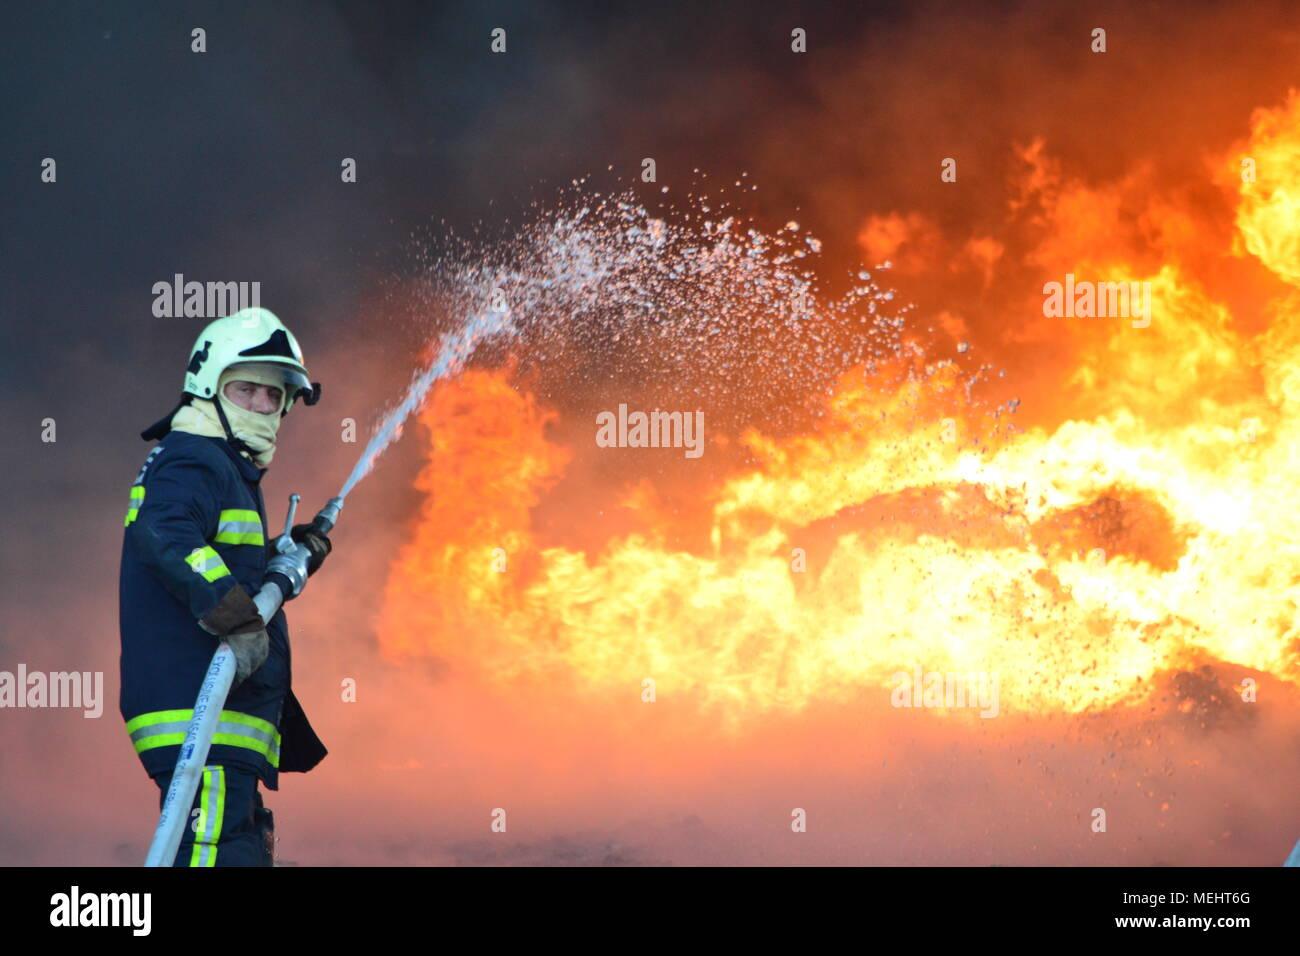 Kashar, Tirana-Albania, 22 avril 2018. Grand feu brûle complètement une entreprise de recyclage de Kashar, 10 fire-unités déjà sur la scène du mal à éteindre les flammes. Pas de blesse ou décès sont signalés Crédit: Antonio Cakshiri/Alamy Live News Banque D'Images